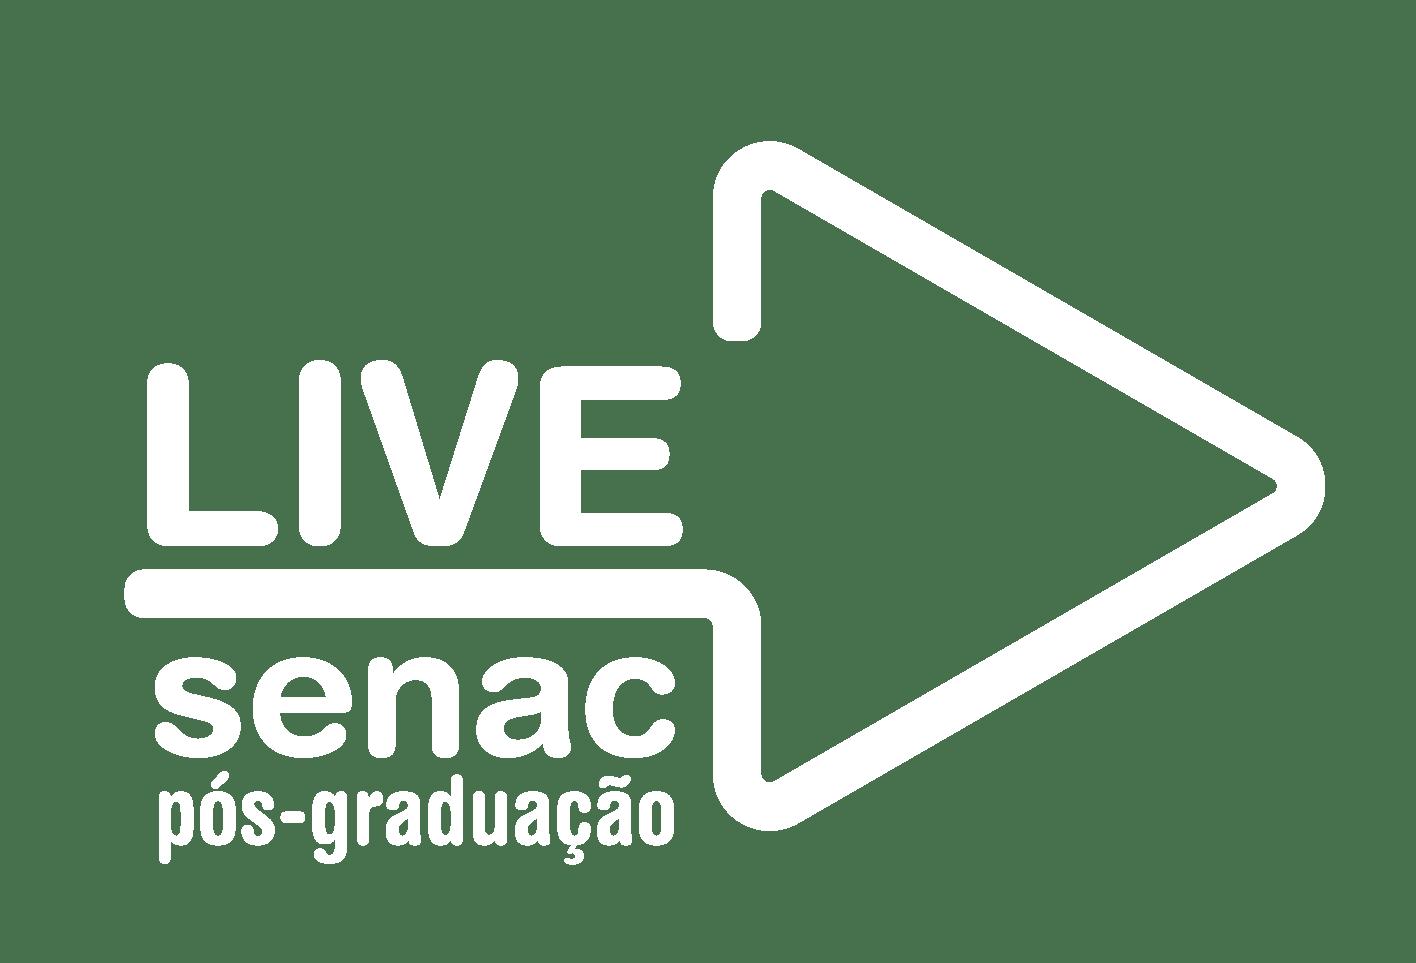 Eventos de Pós-Graduação